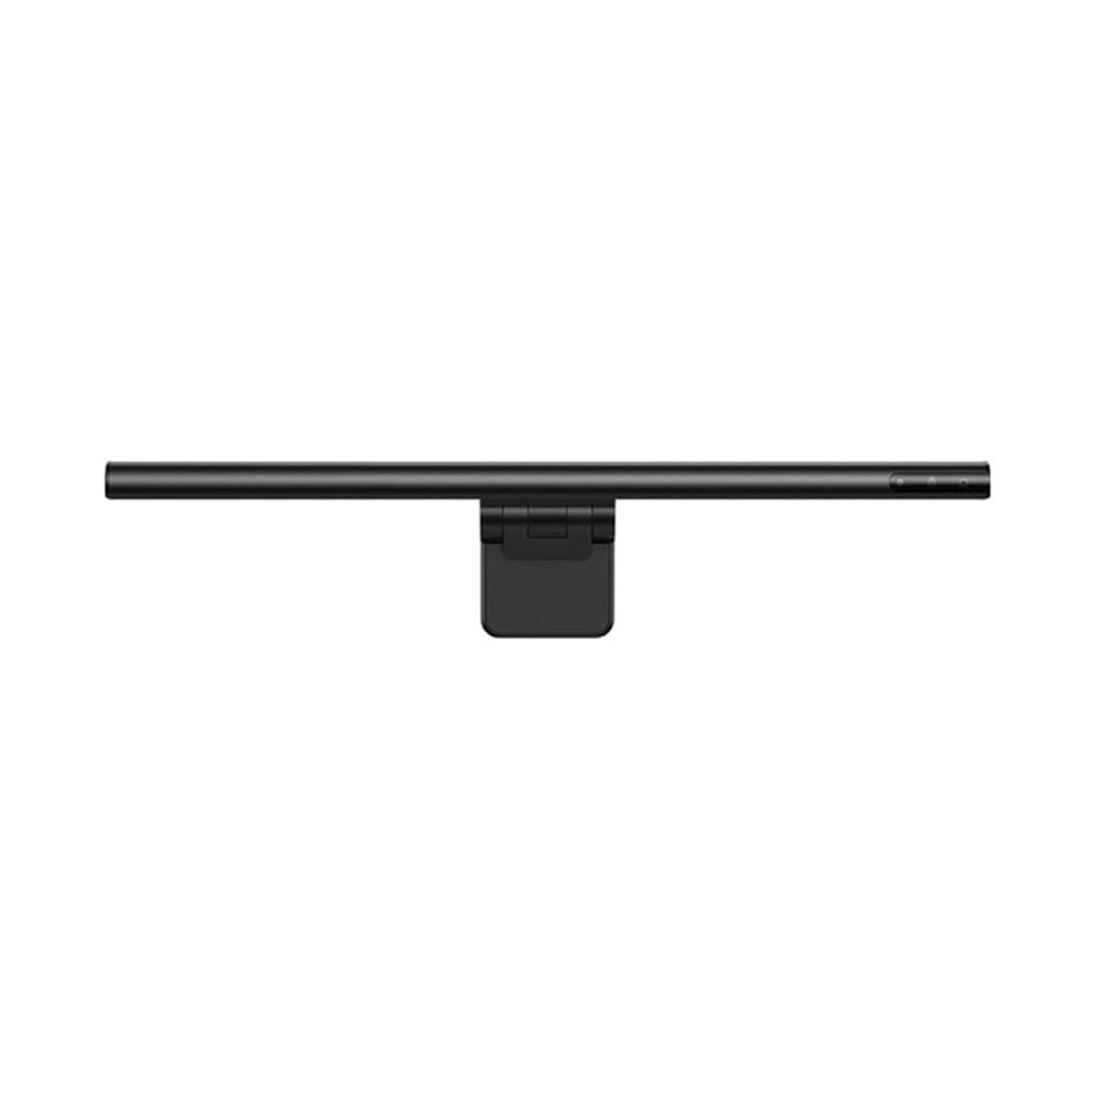 Светодиодная лампа для монитора Xiaomi Mi Computer Monitor Light Bar